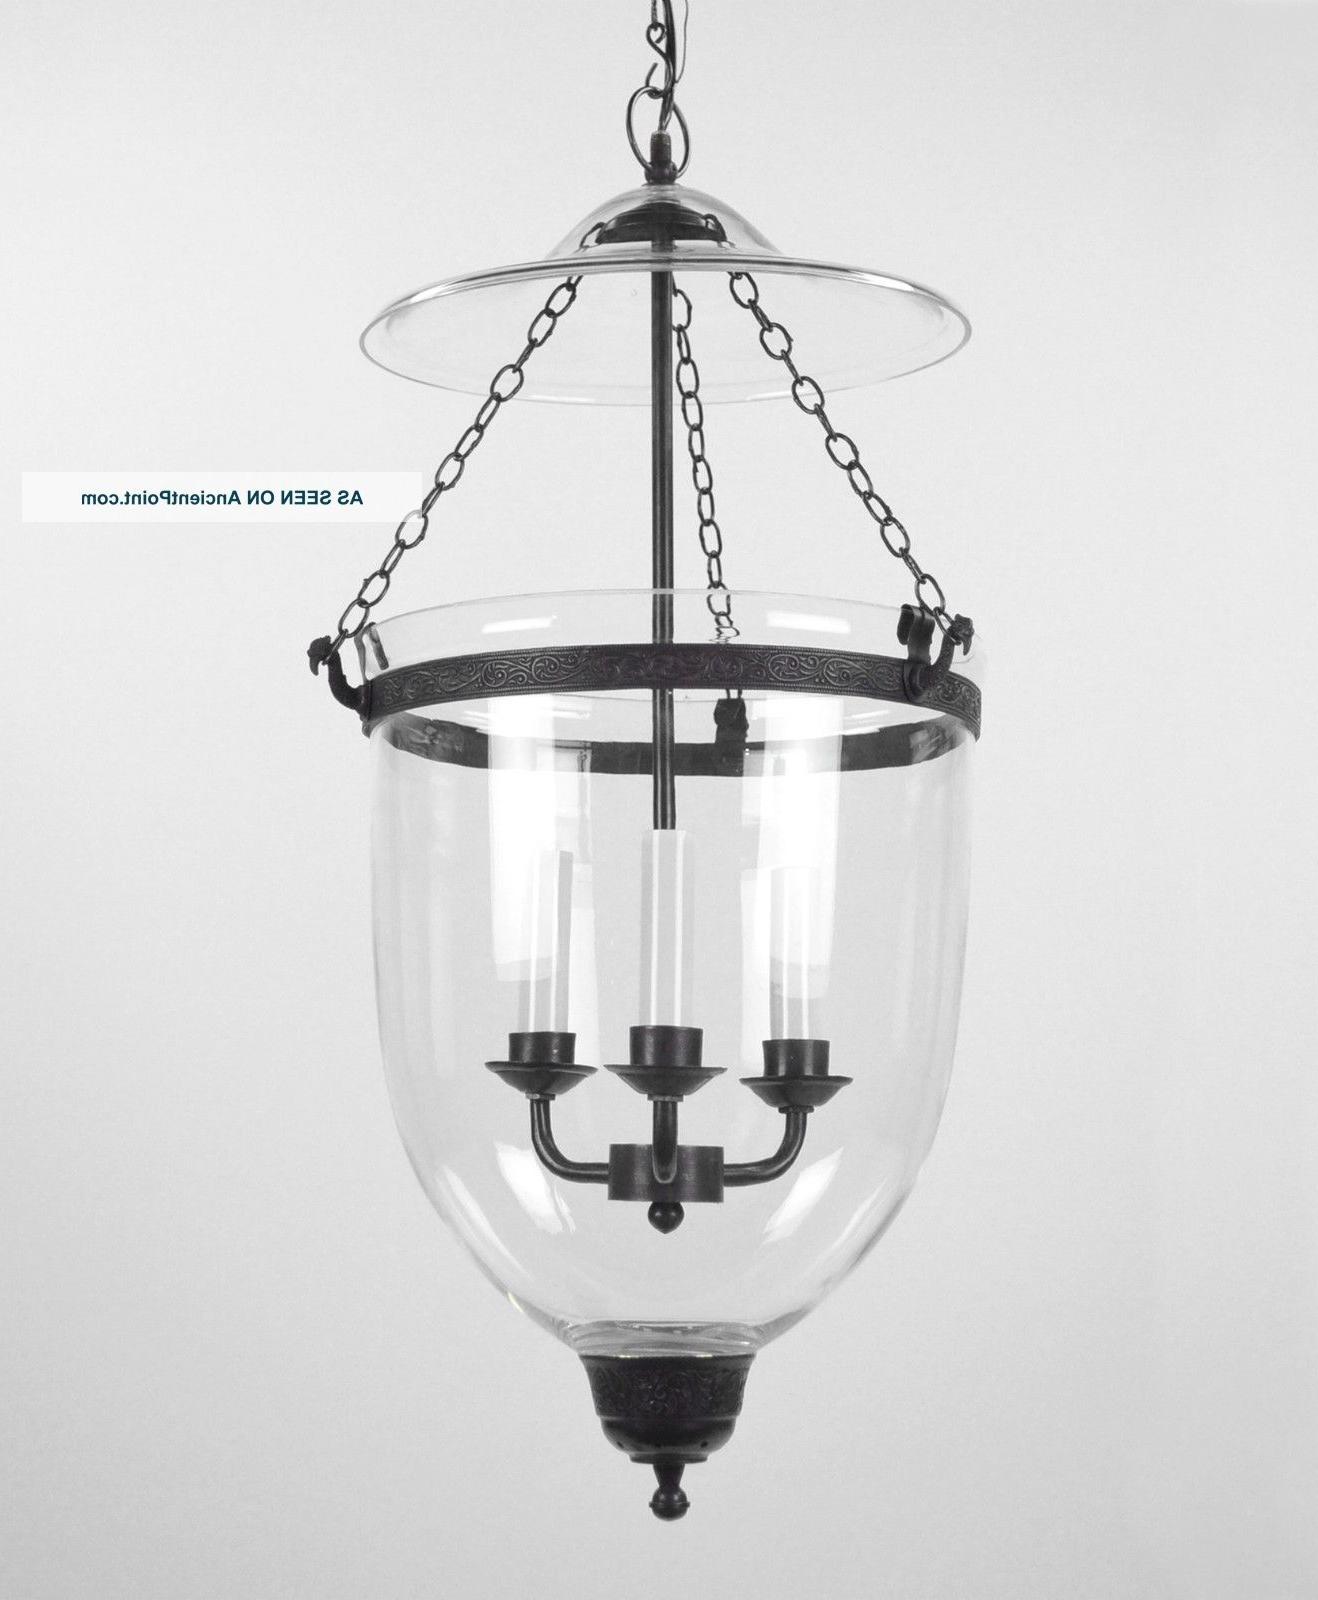 Most Current Indoor Lantern Chandelier Pertaining To Light : Ceiling Lantern Pendant Lighting Chandelier Indoor Light (View 5 of 20)